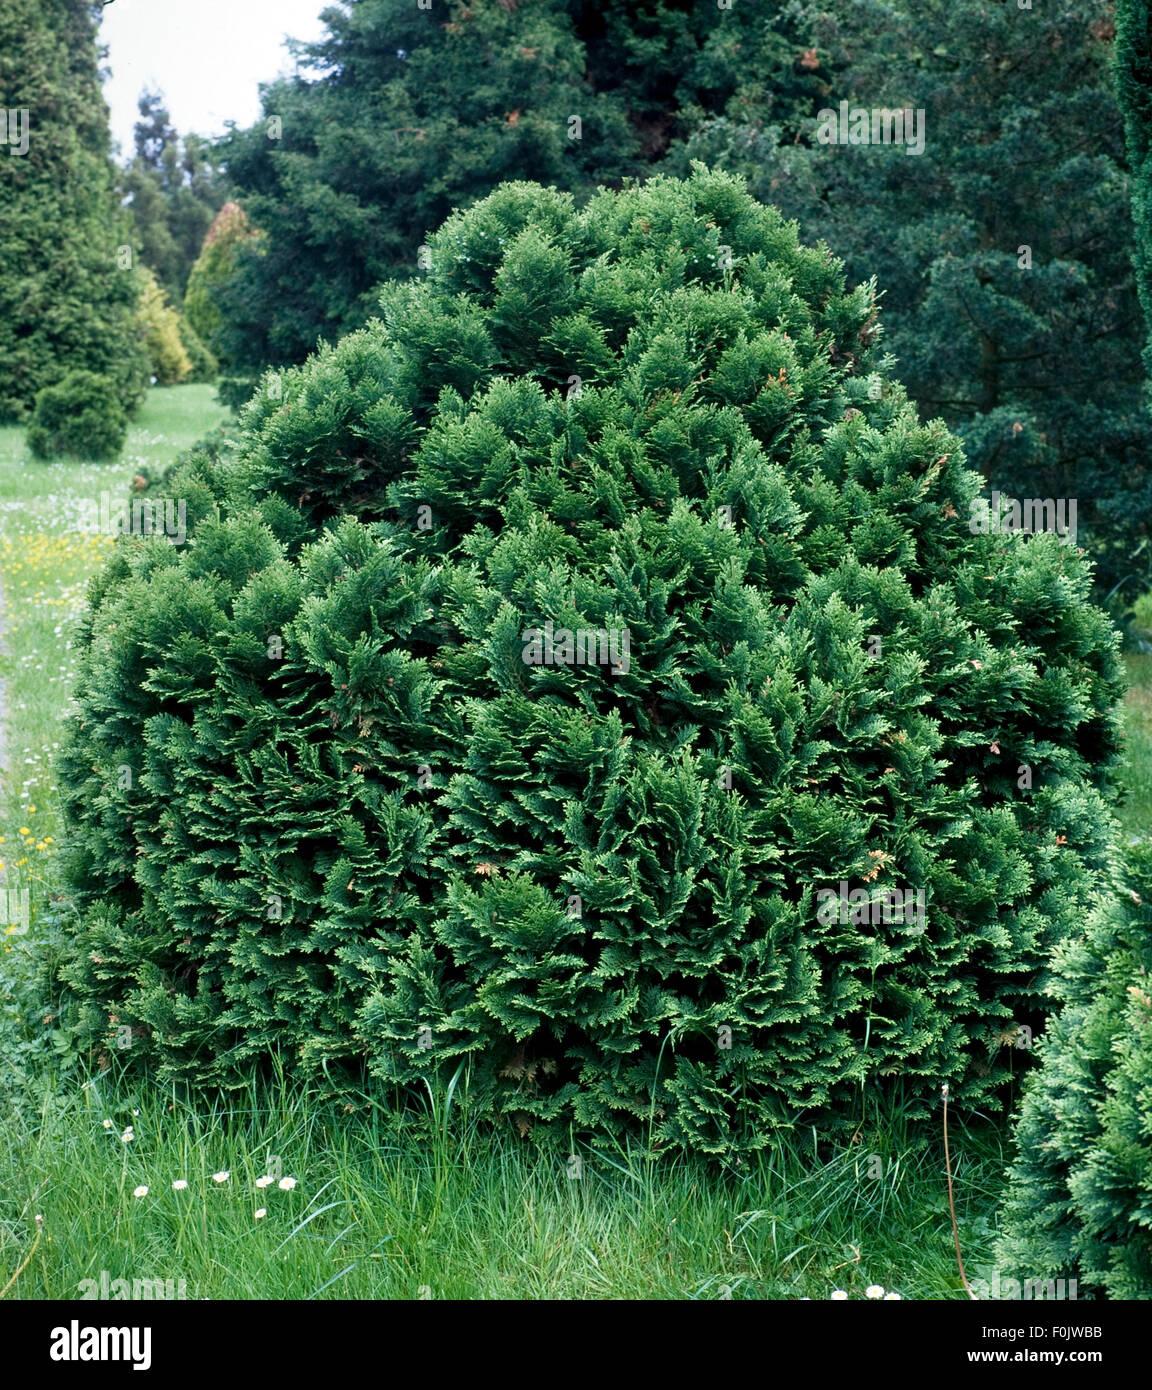 Scheinzypresse, Chamaecyparis, lawsoniana, Minima Glauca - Stock Image